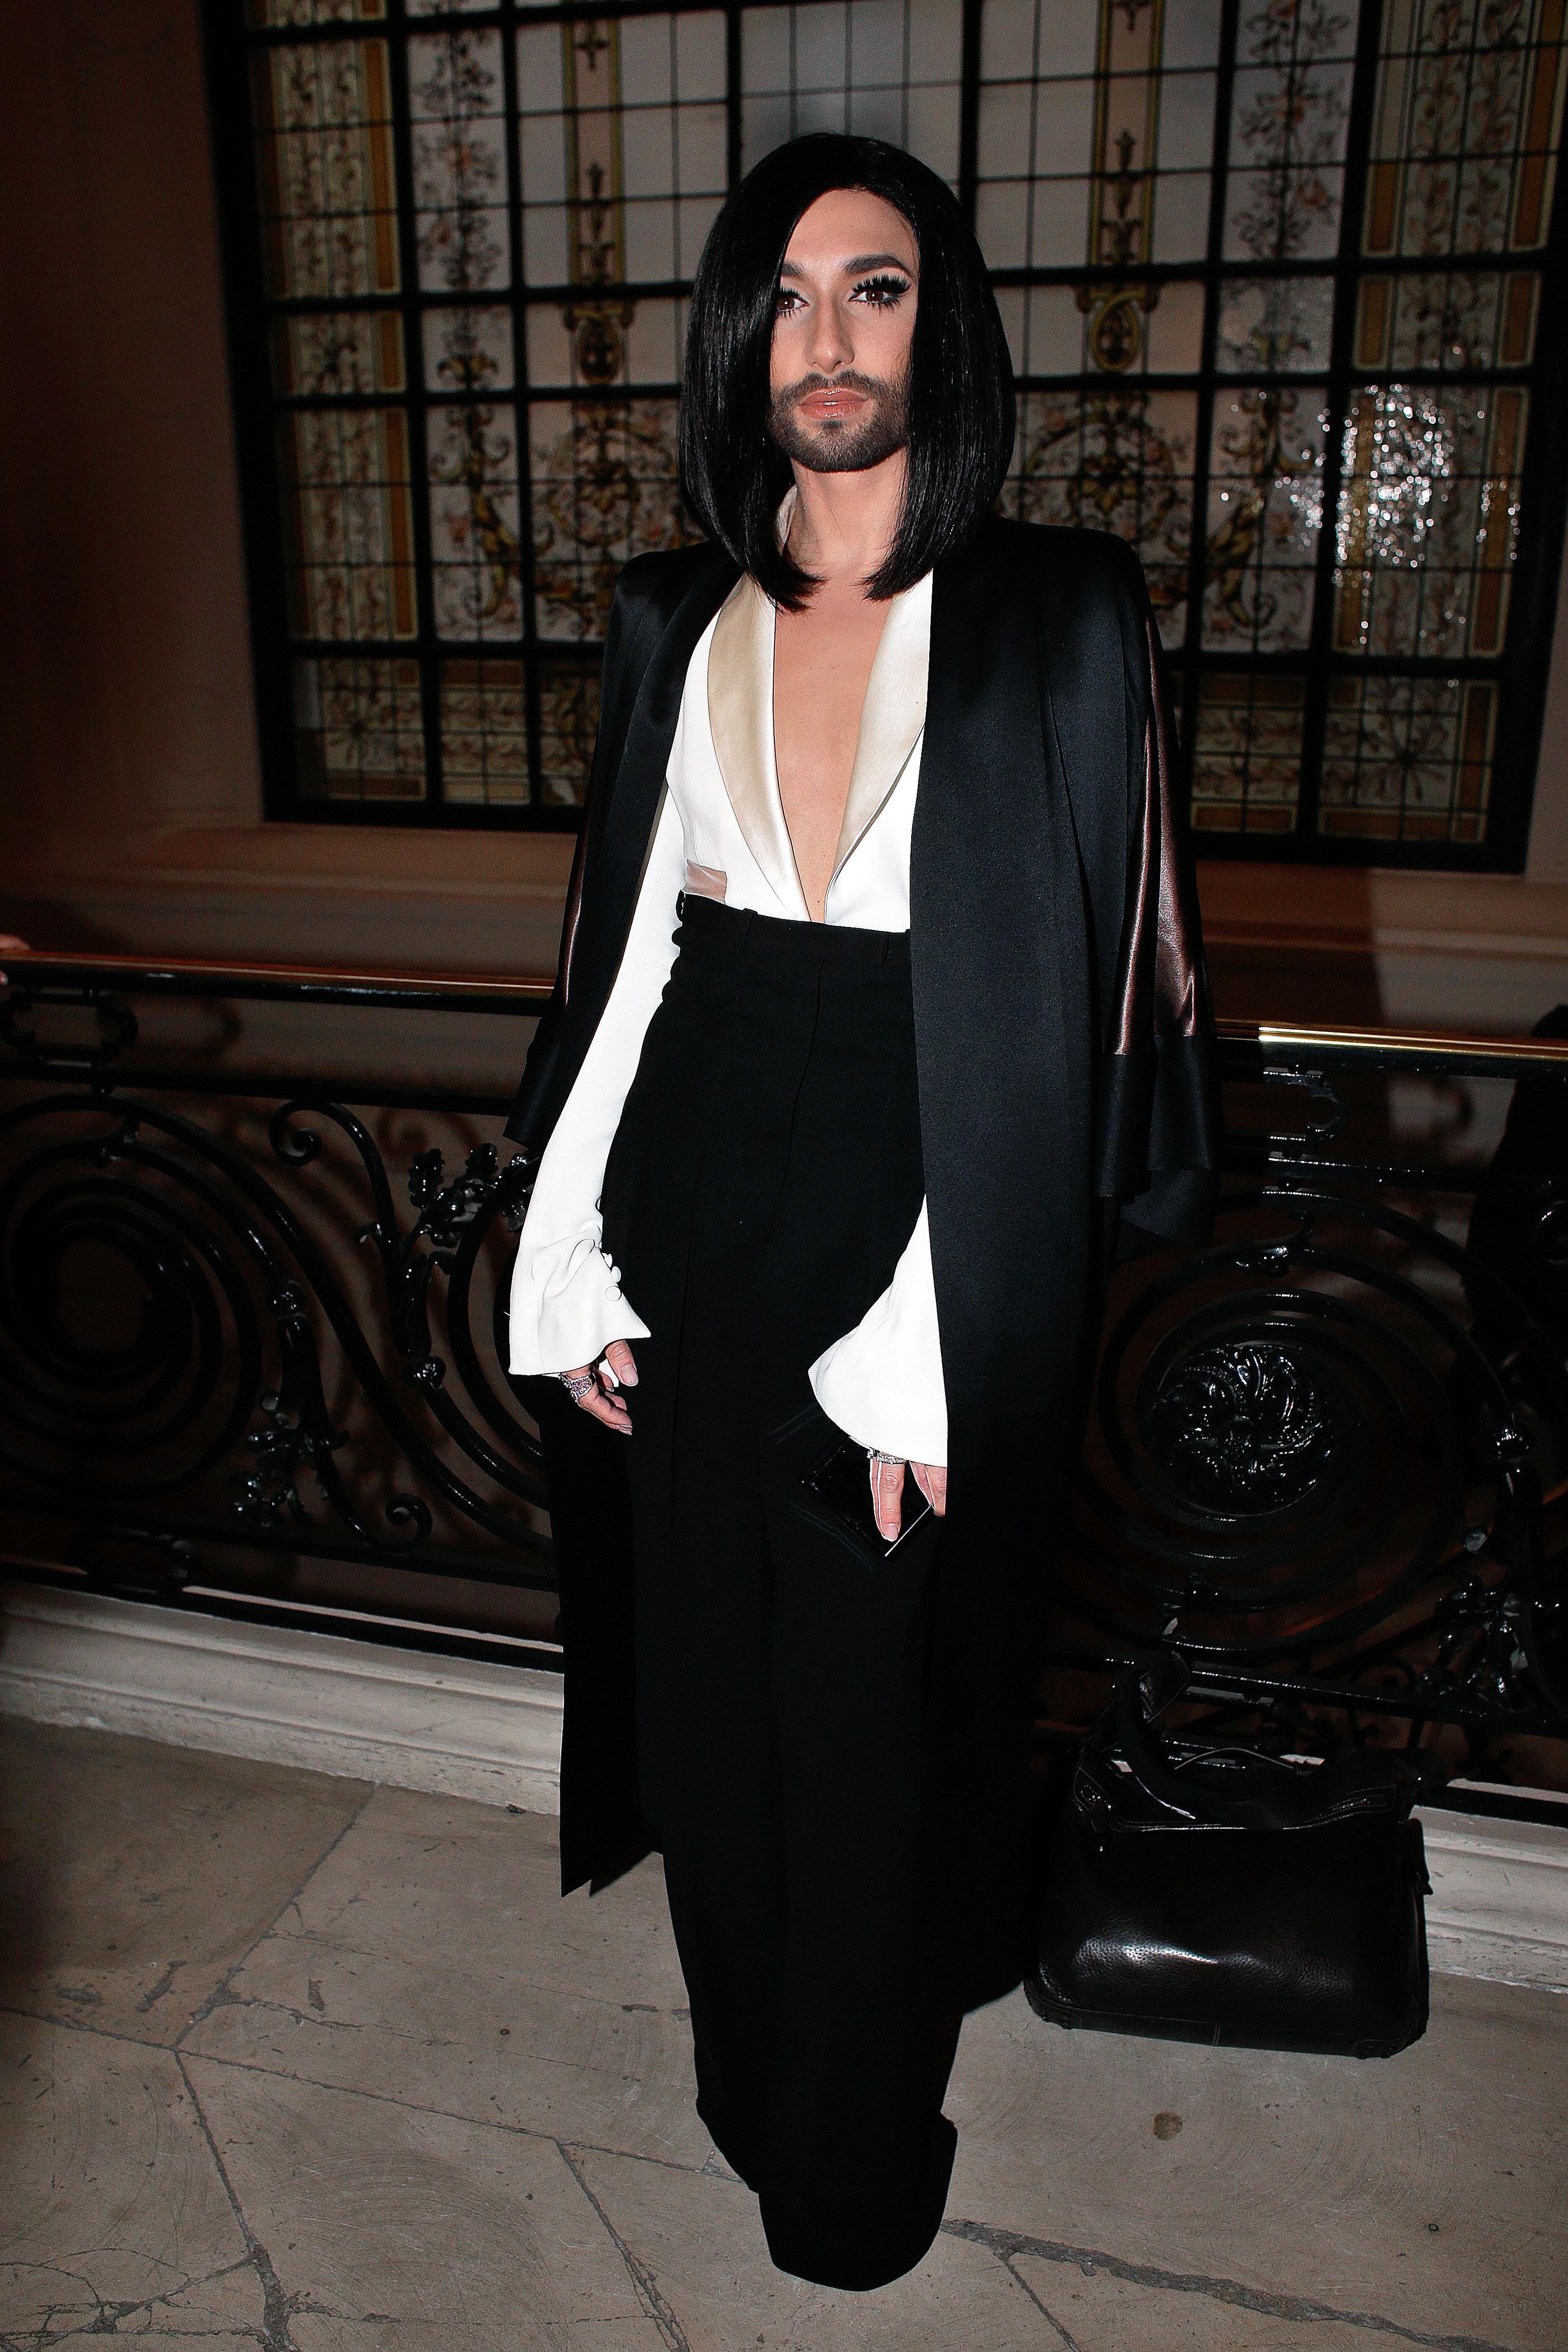 Певица Кончита Вурст больше не эпатирует публику откровенными нарядами